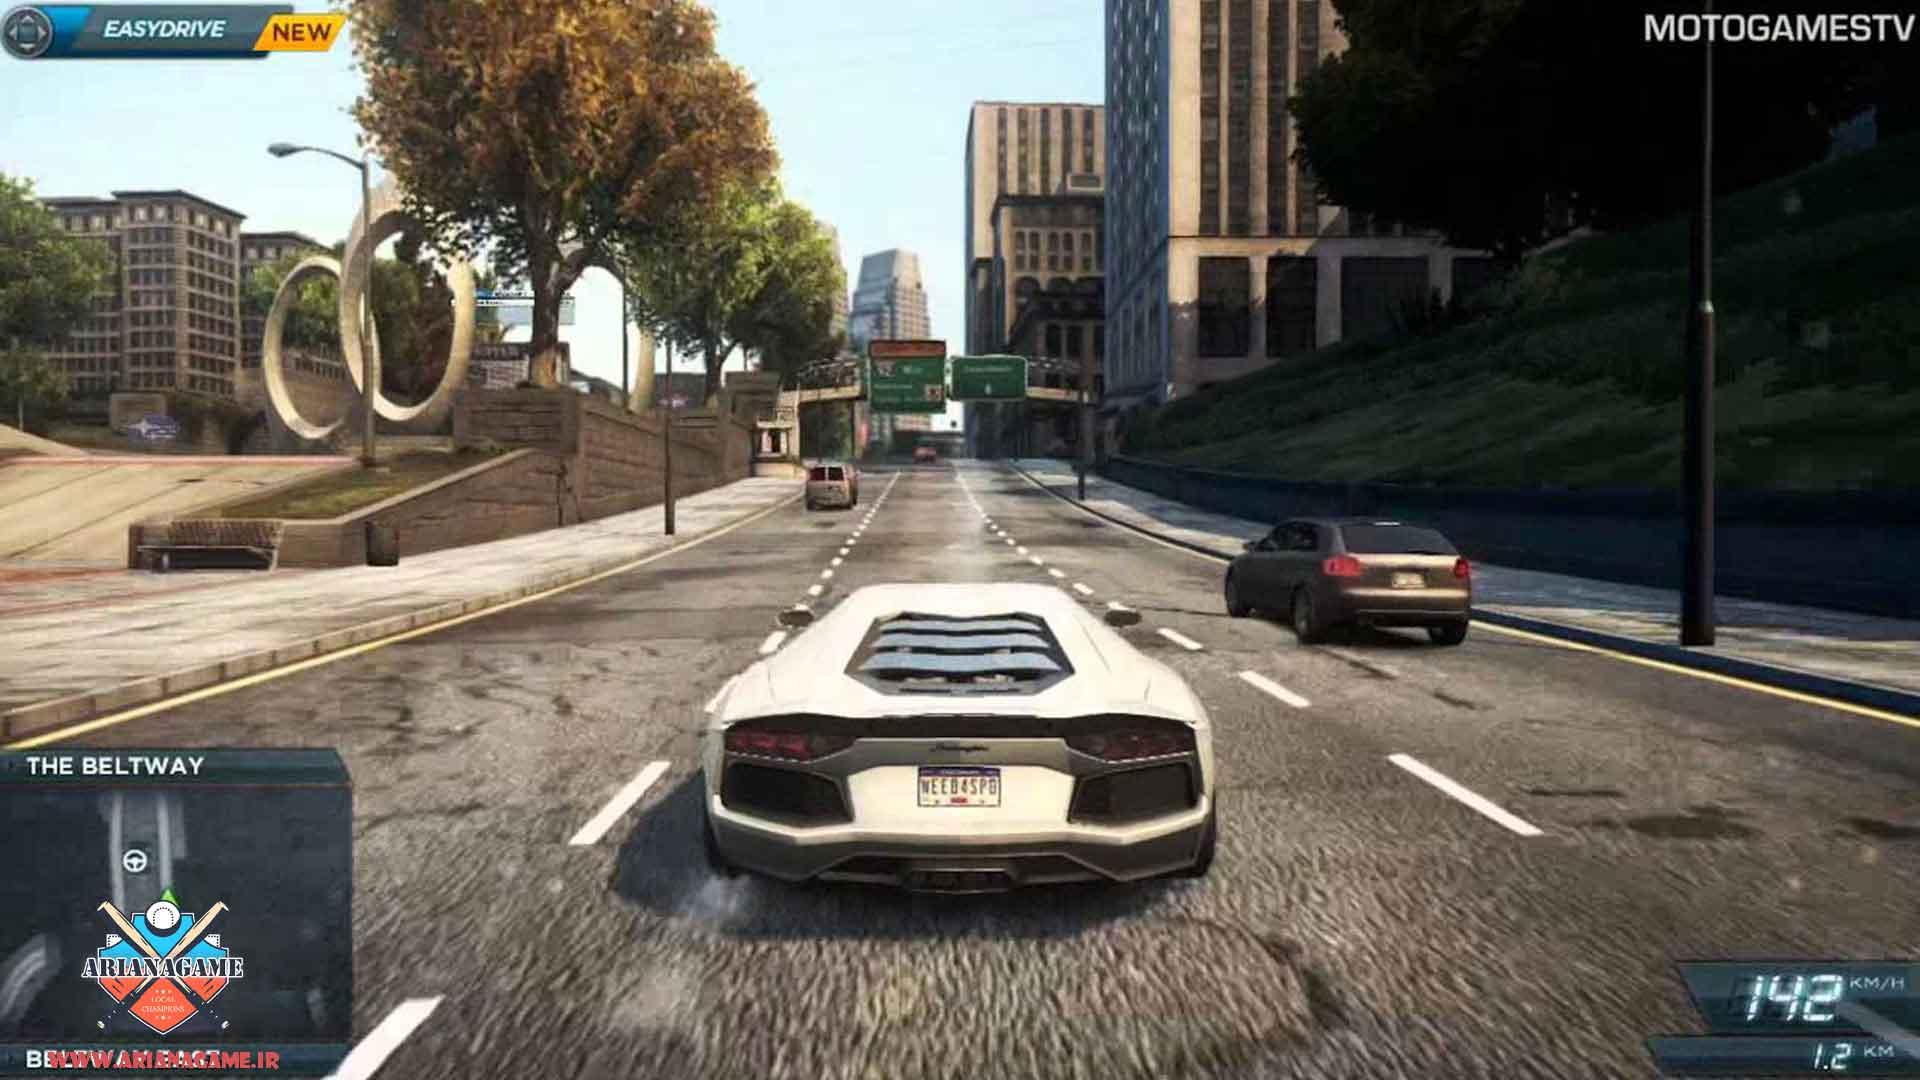 خرید بازی Need for Speed: Most Wanted (جنون سرعت: تحت تعقیب ۲) برای PC